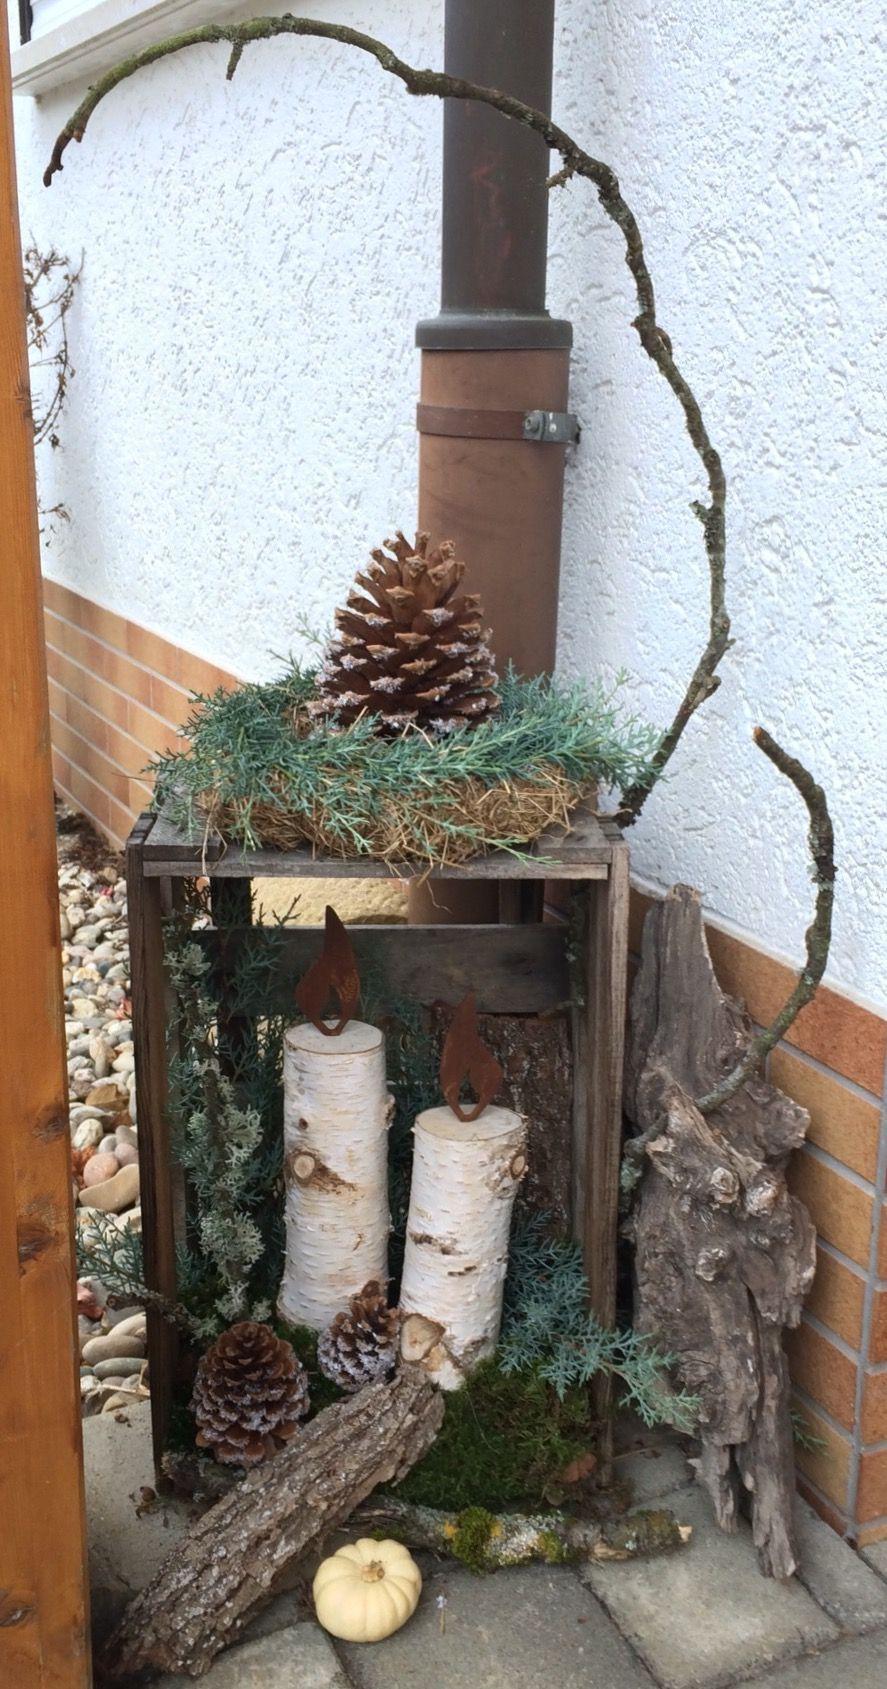 Weihnachtliche Deko am Hauseingang mit Naturmaterialien #herbstdekoeingangsbereichdraussen Weihnachtliche Deko am Hauseingang mit Naturmaterialien #deconoelmaisonexterieur